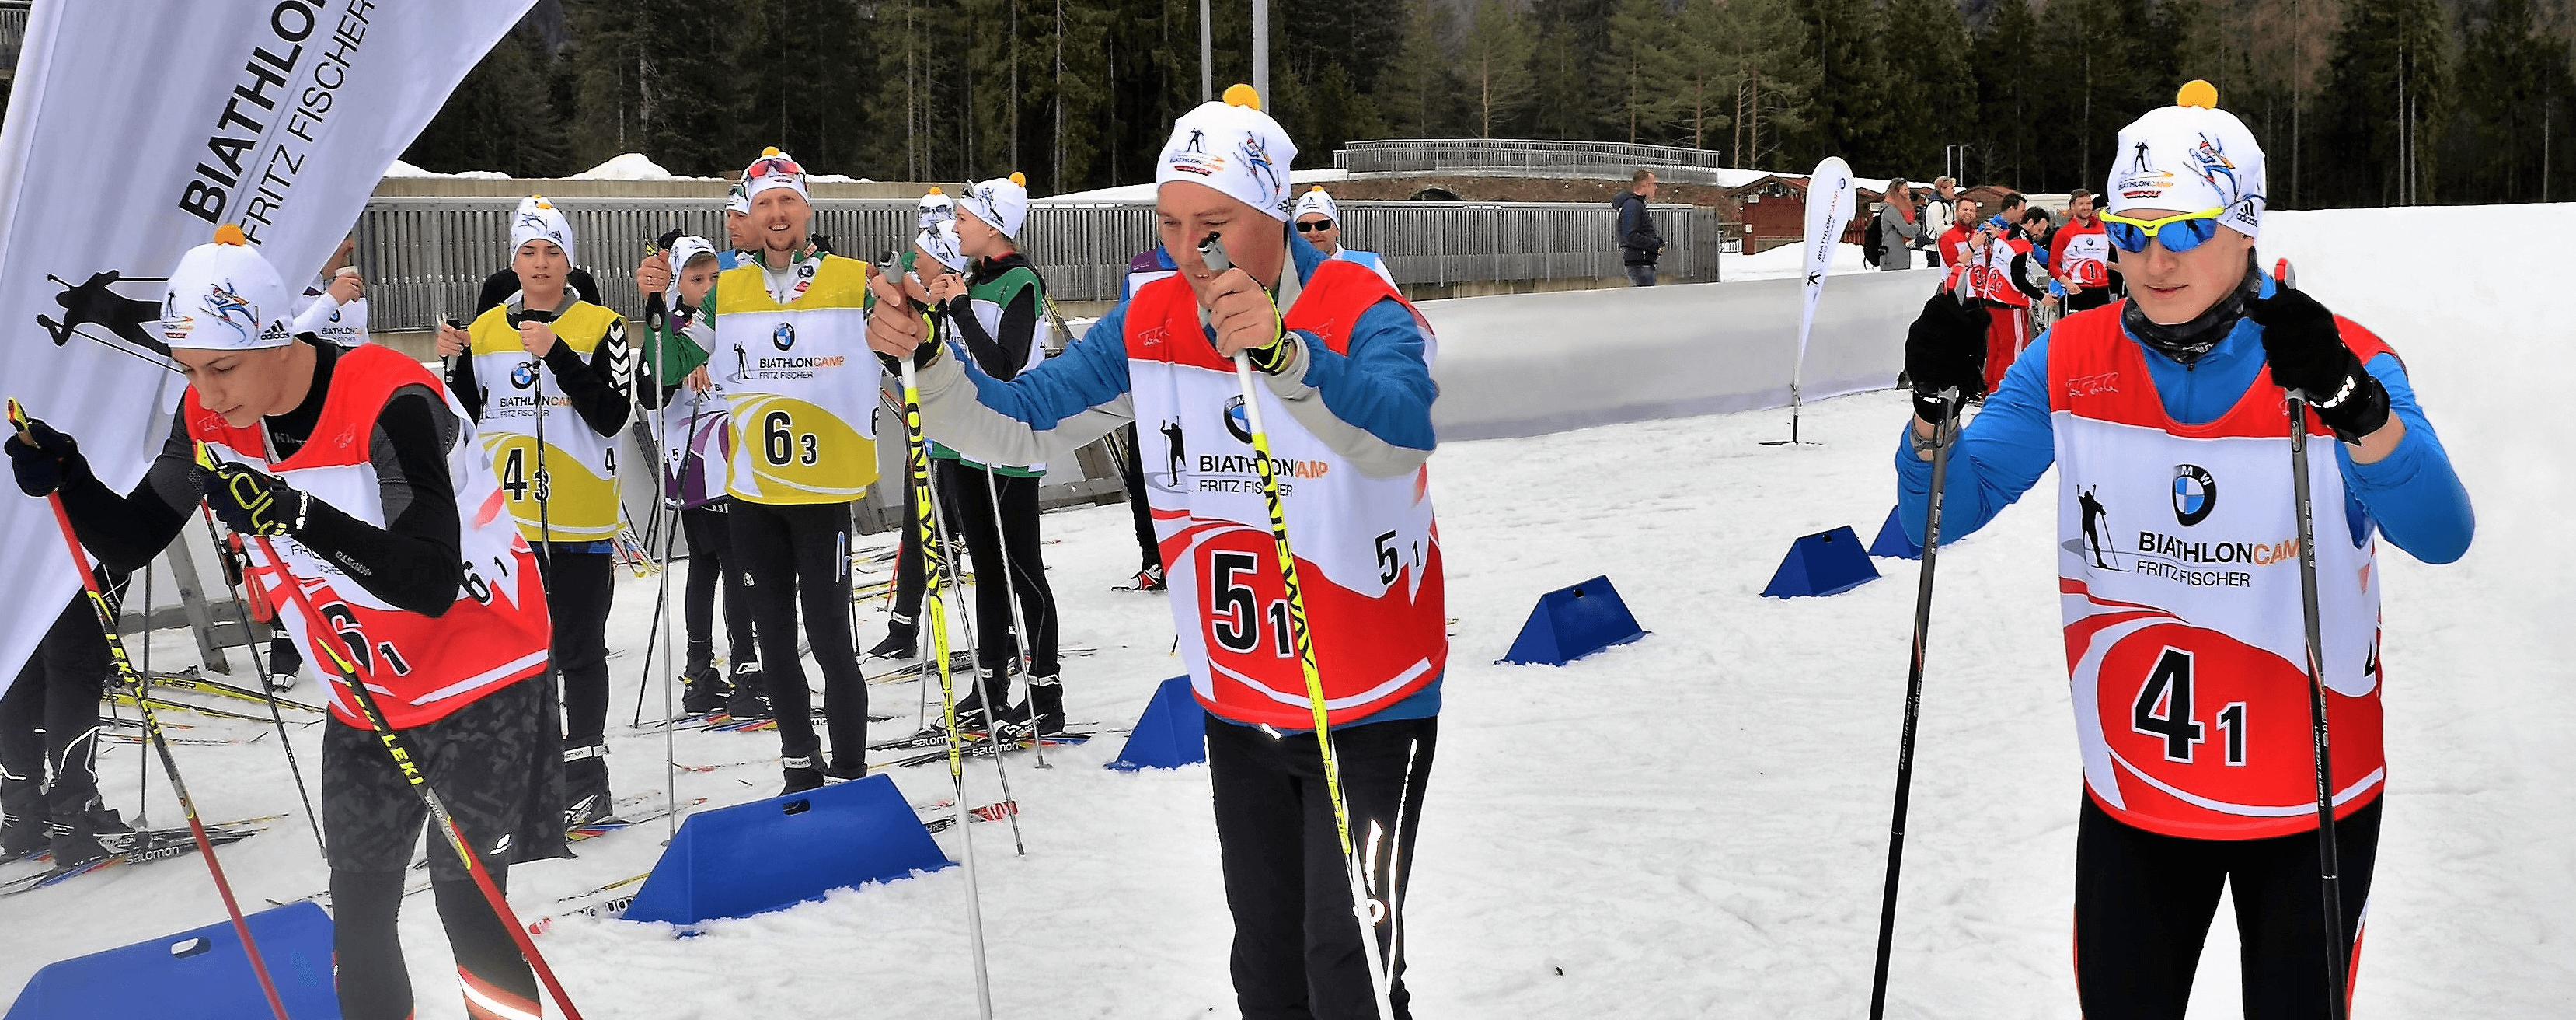 Hanni Fischer Ruhpolding